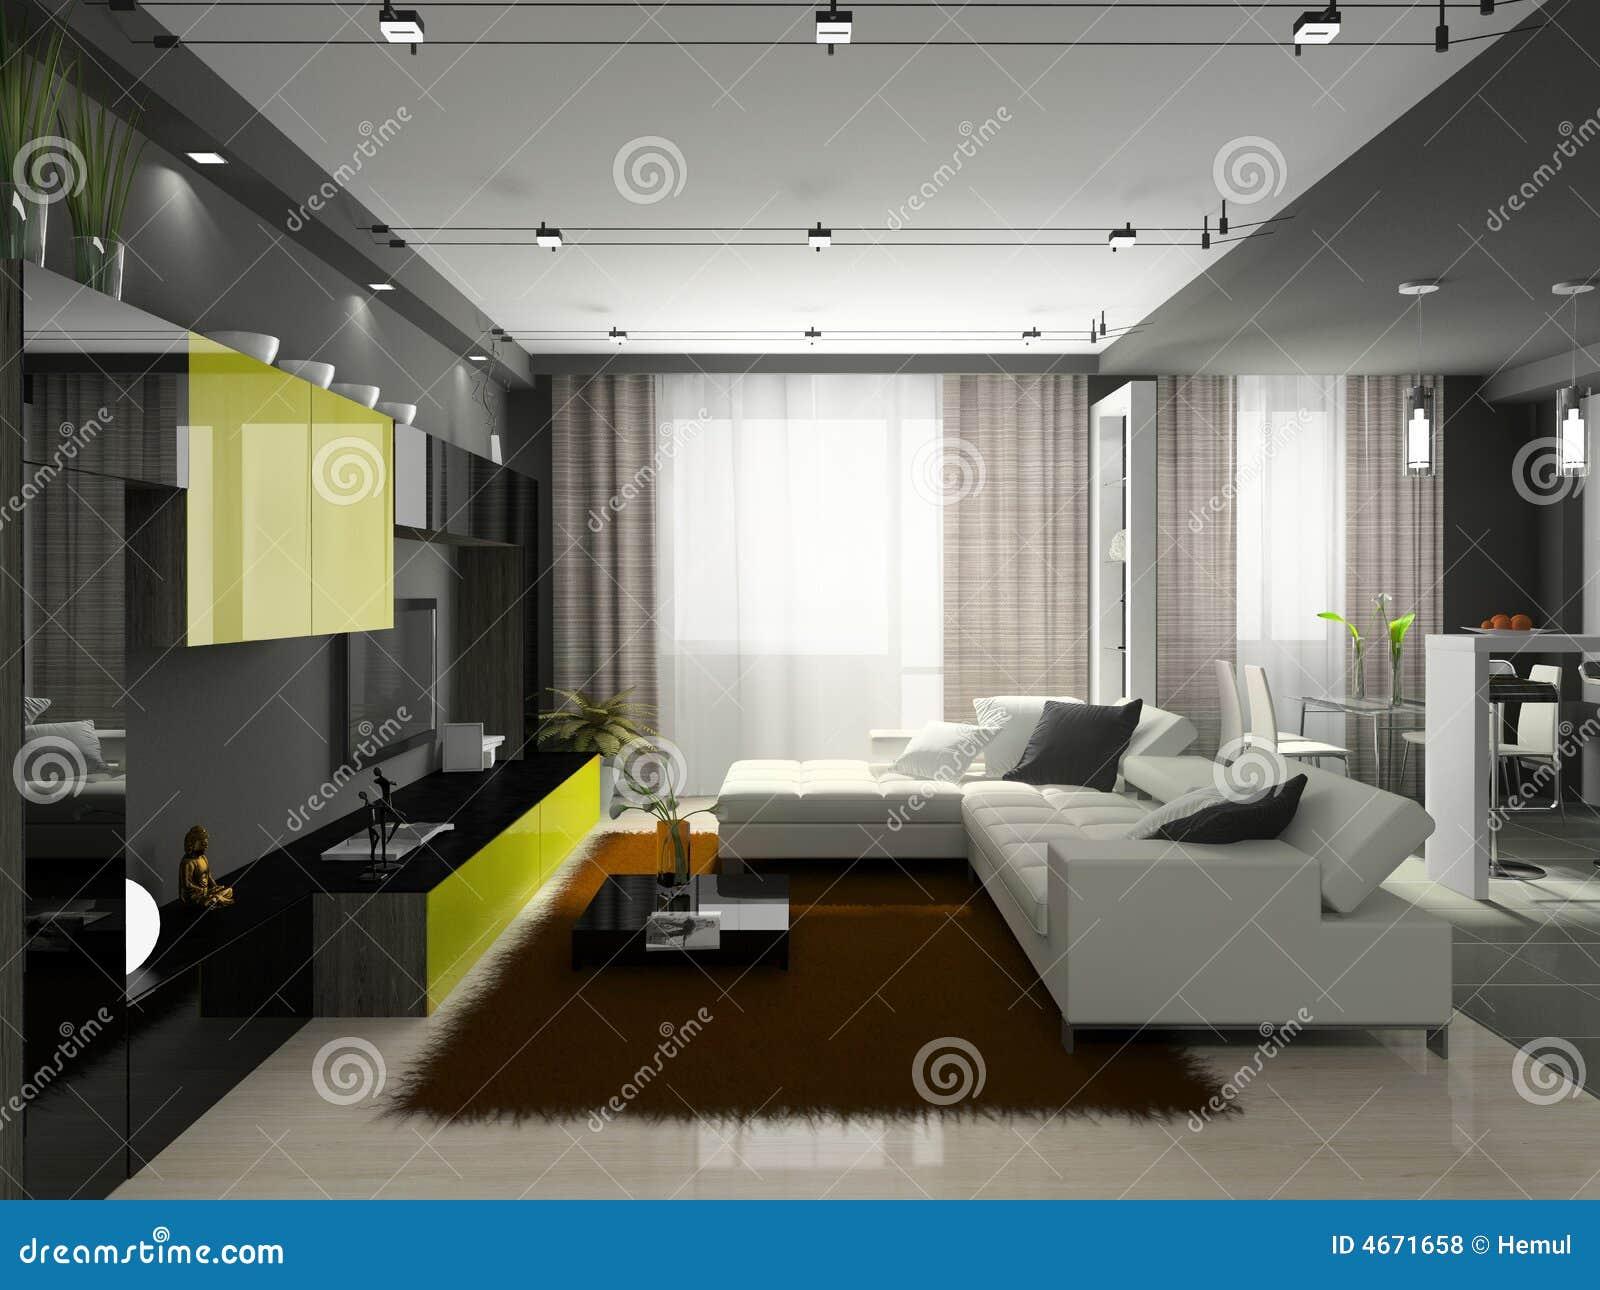 Innenraum der stilvollen wohnung lizenzfreie stockfotos for Innenraum designer